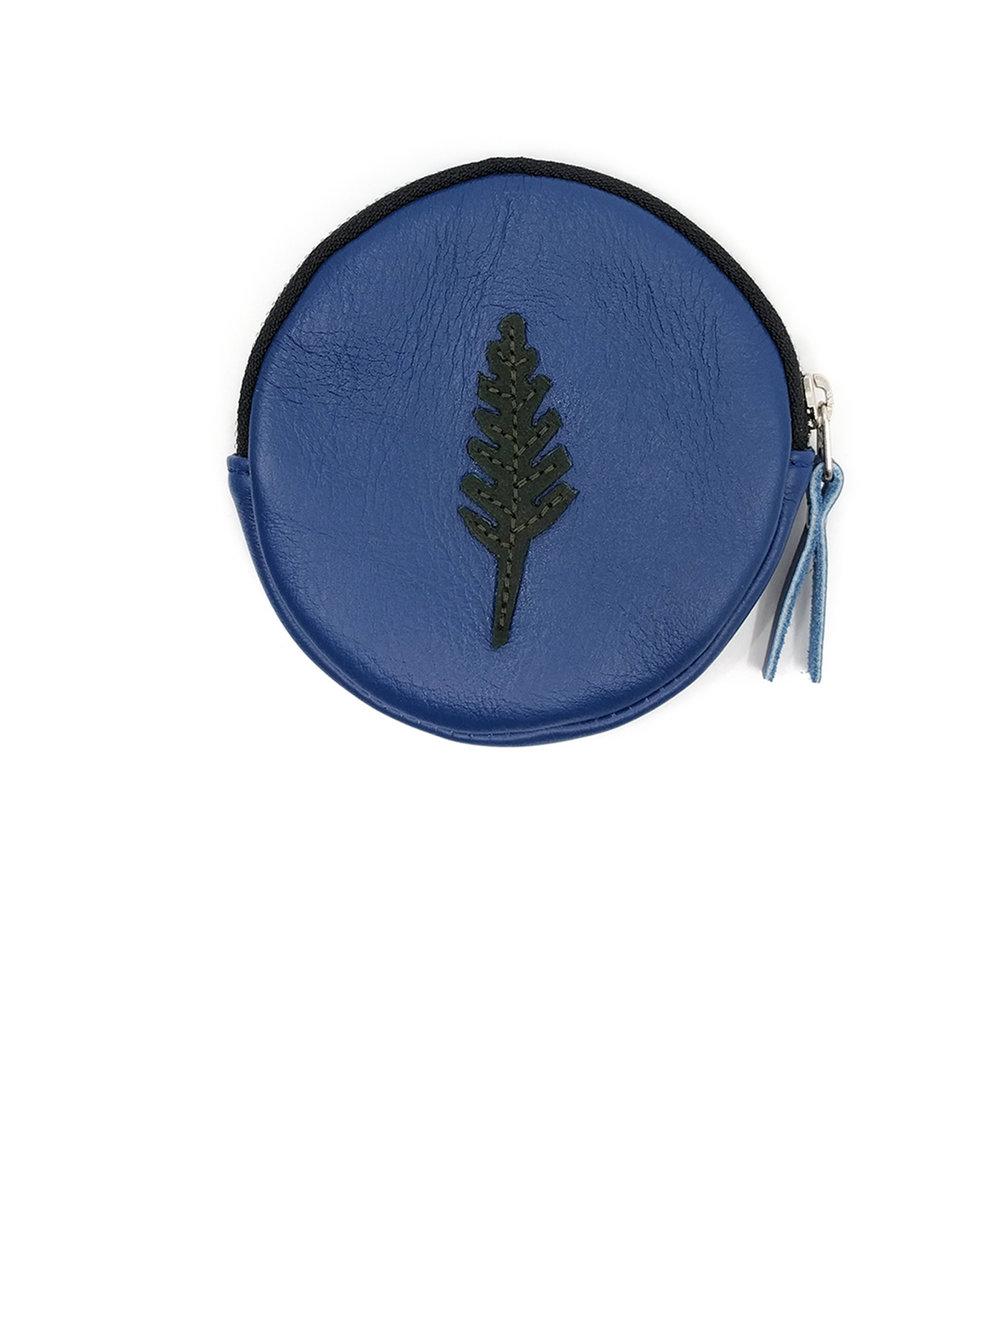 Porte-monnaie - plusieurs couleurs disponibles30.00$ - 36.00$